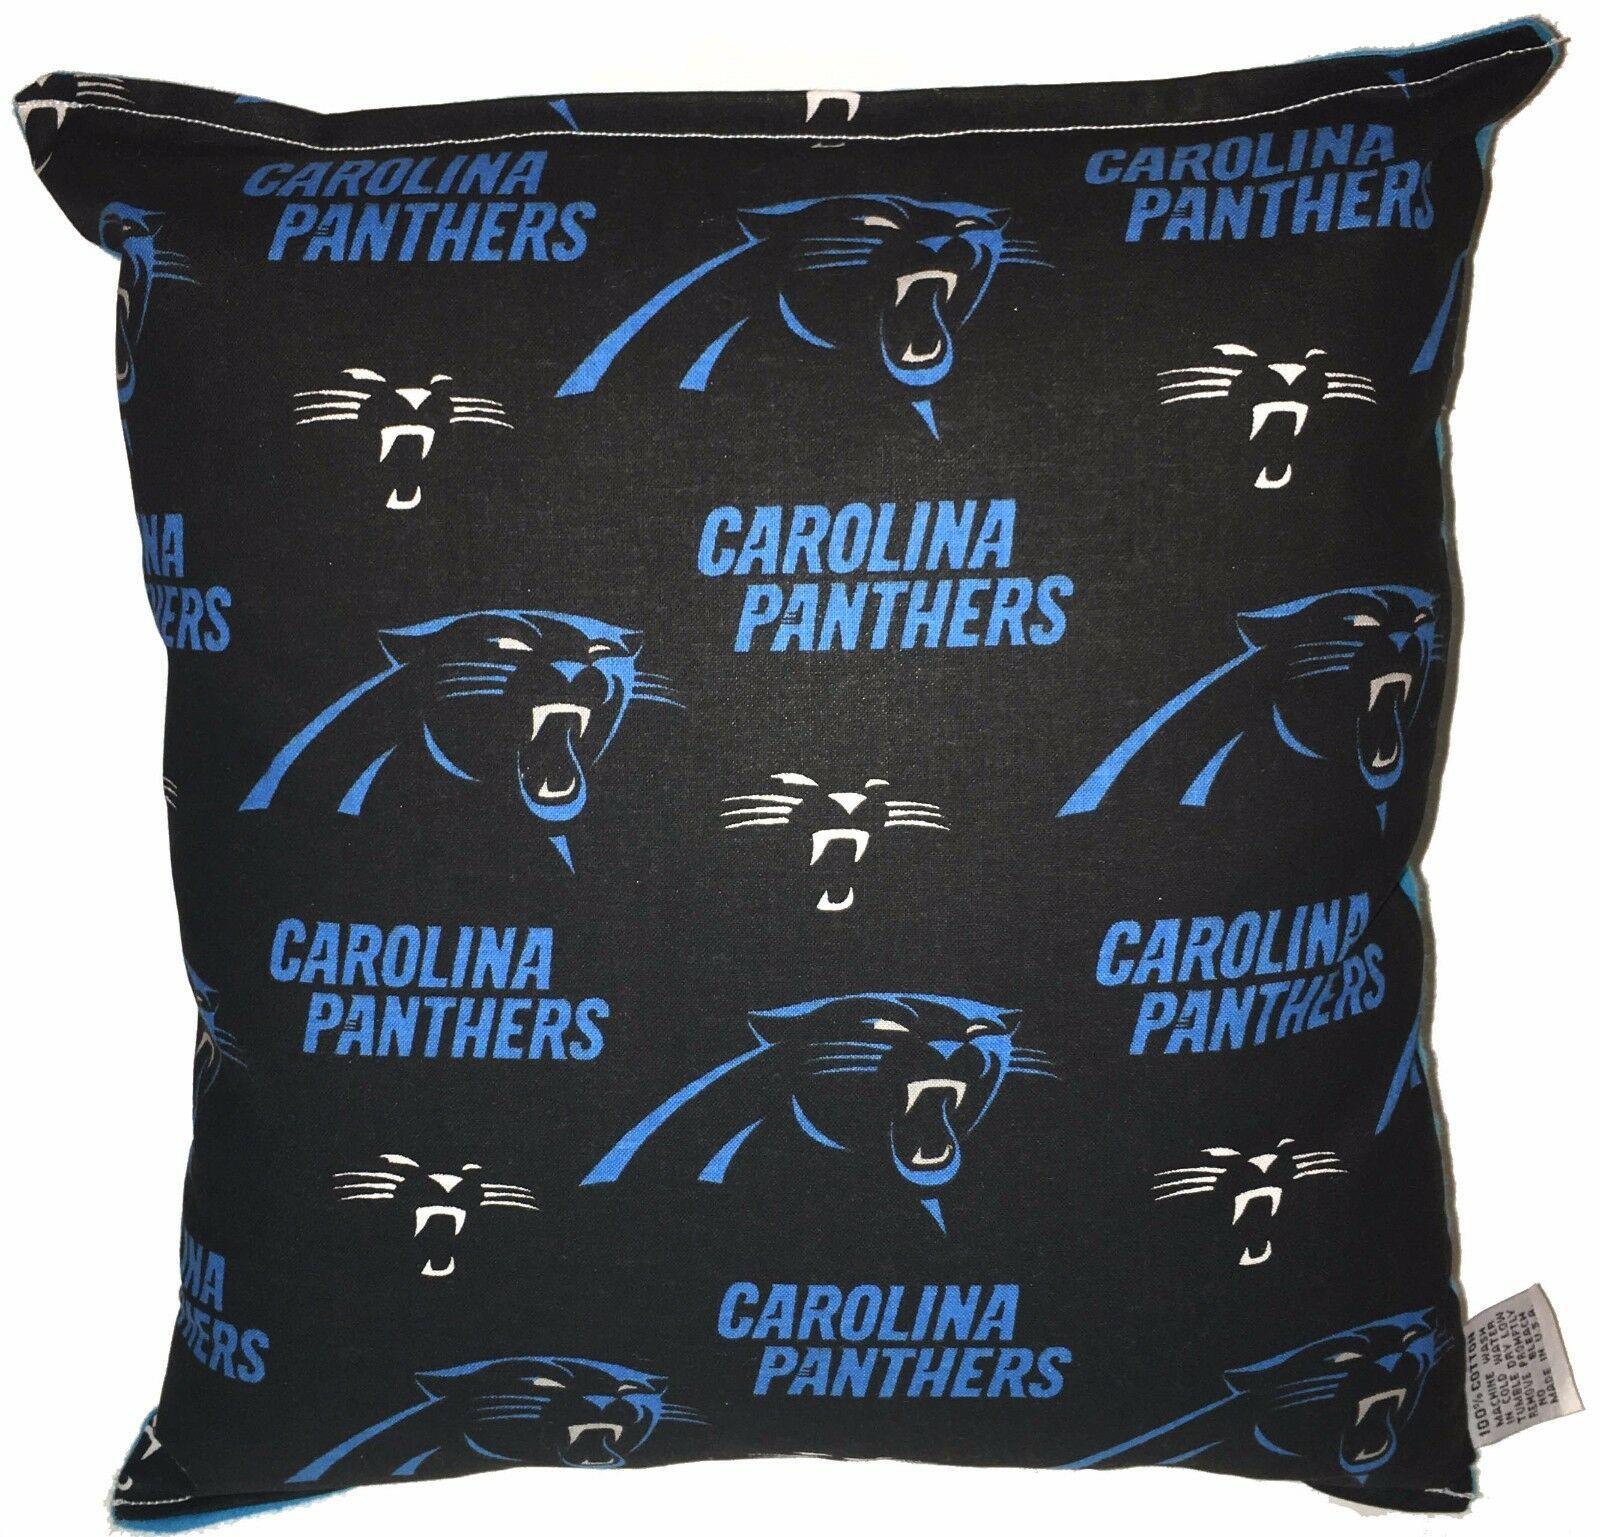 Panthers Pillow Carolina NFL Pillow Handmade Made In USA